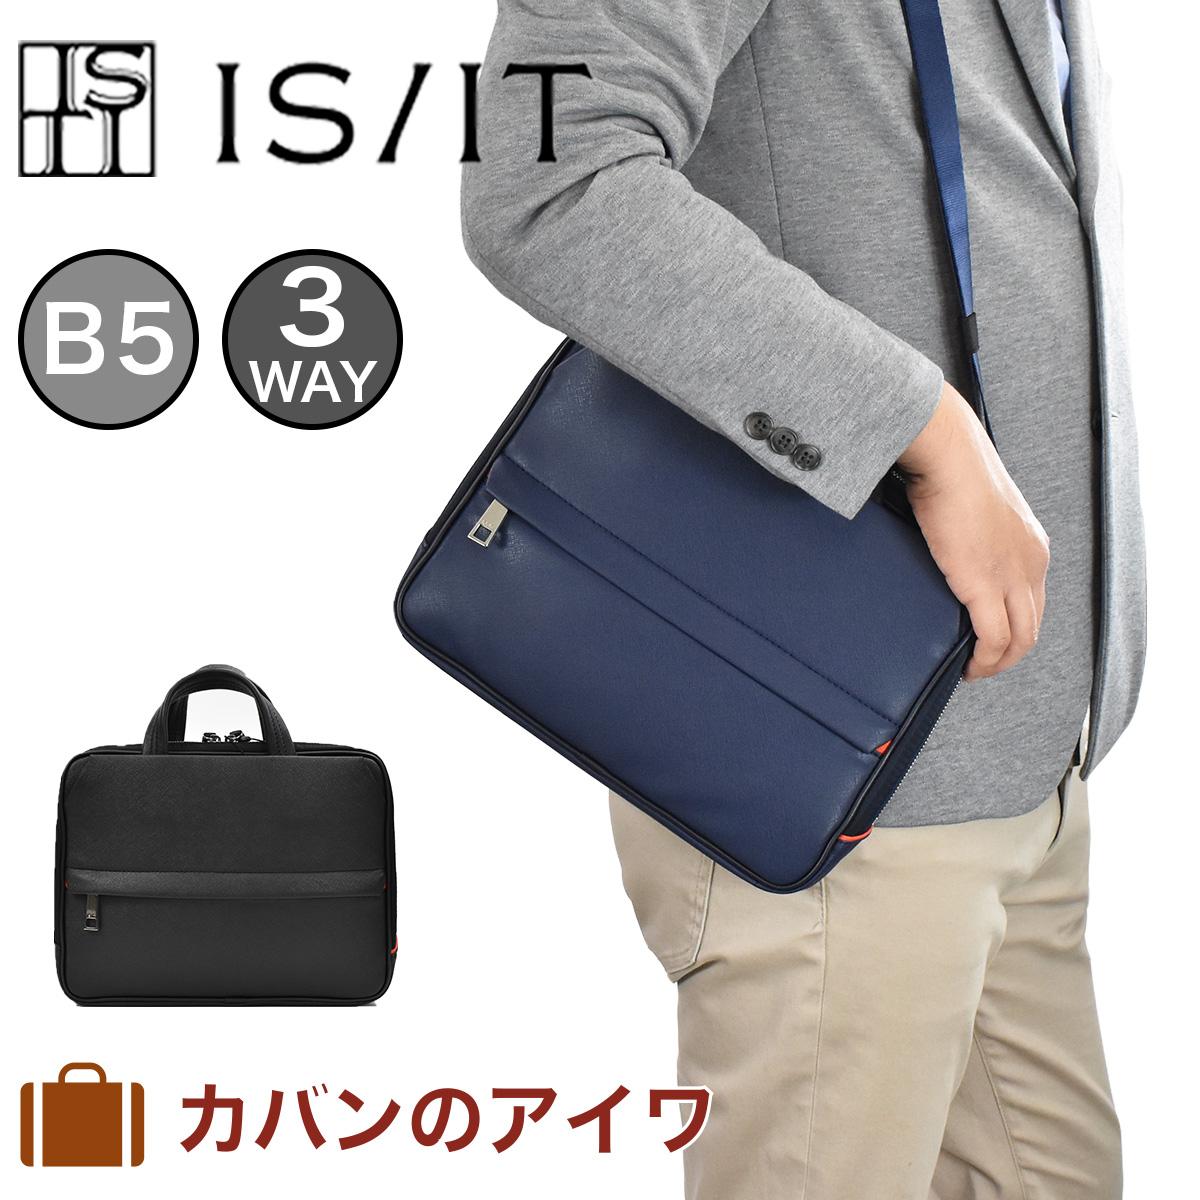 IS/IT イズイット ISIT サフィール Safir B5 3WAY メンズ ビジネスバッグ 937501 ビジネスバック クラッチバッグ クラッチバック ショルダーバッグ 小型 軽量 おしゃれ 通勤 バッグ ビジネス プレゼント ギフト クラッチ 夫 男性 彼氏